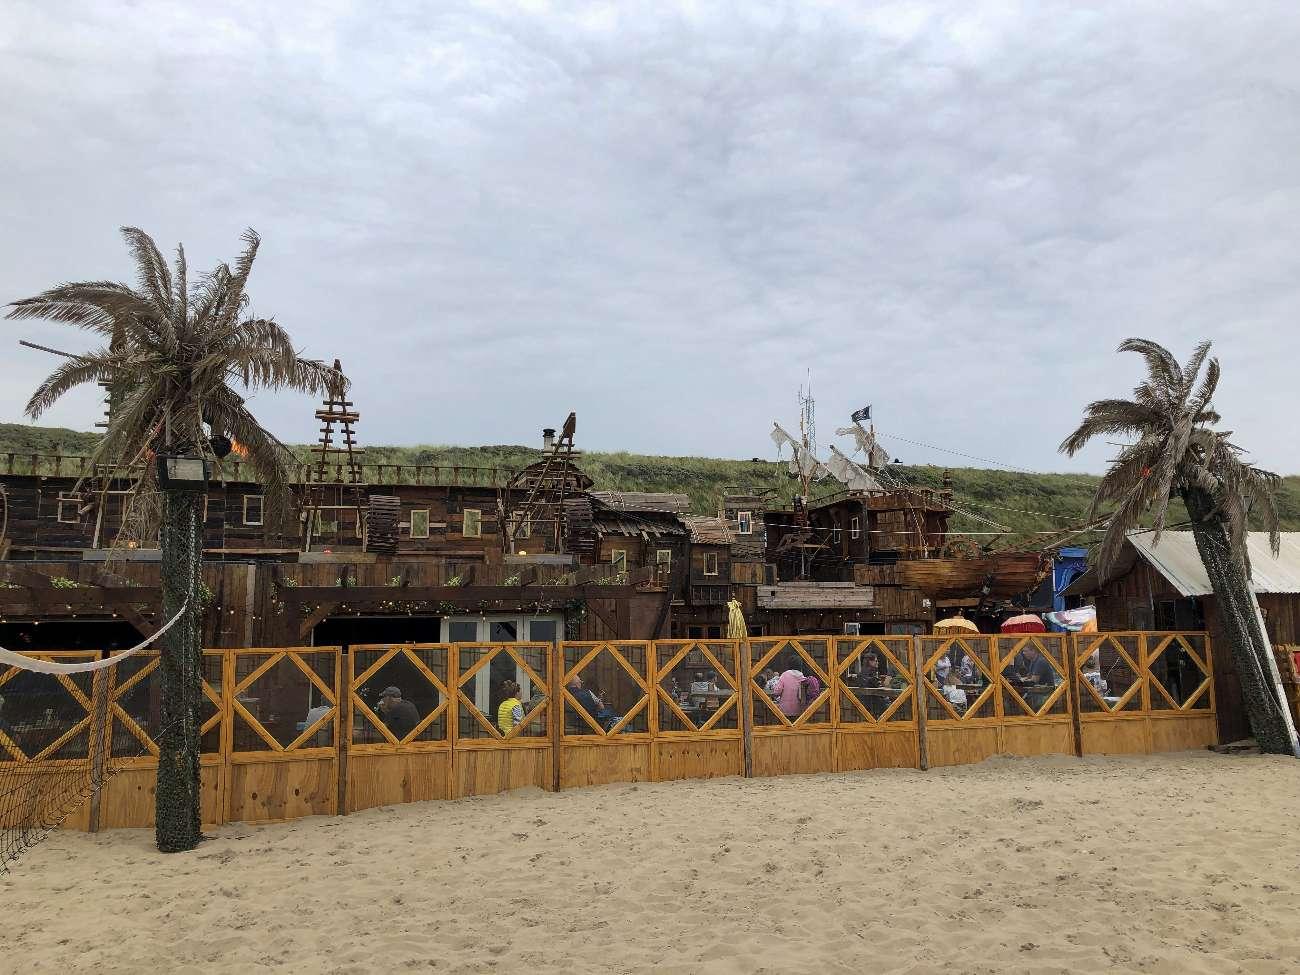 Palmen und Piratenschiff am Strandpavillon Woodstock 69 in Bloemendaal aan Zee